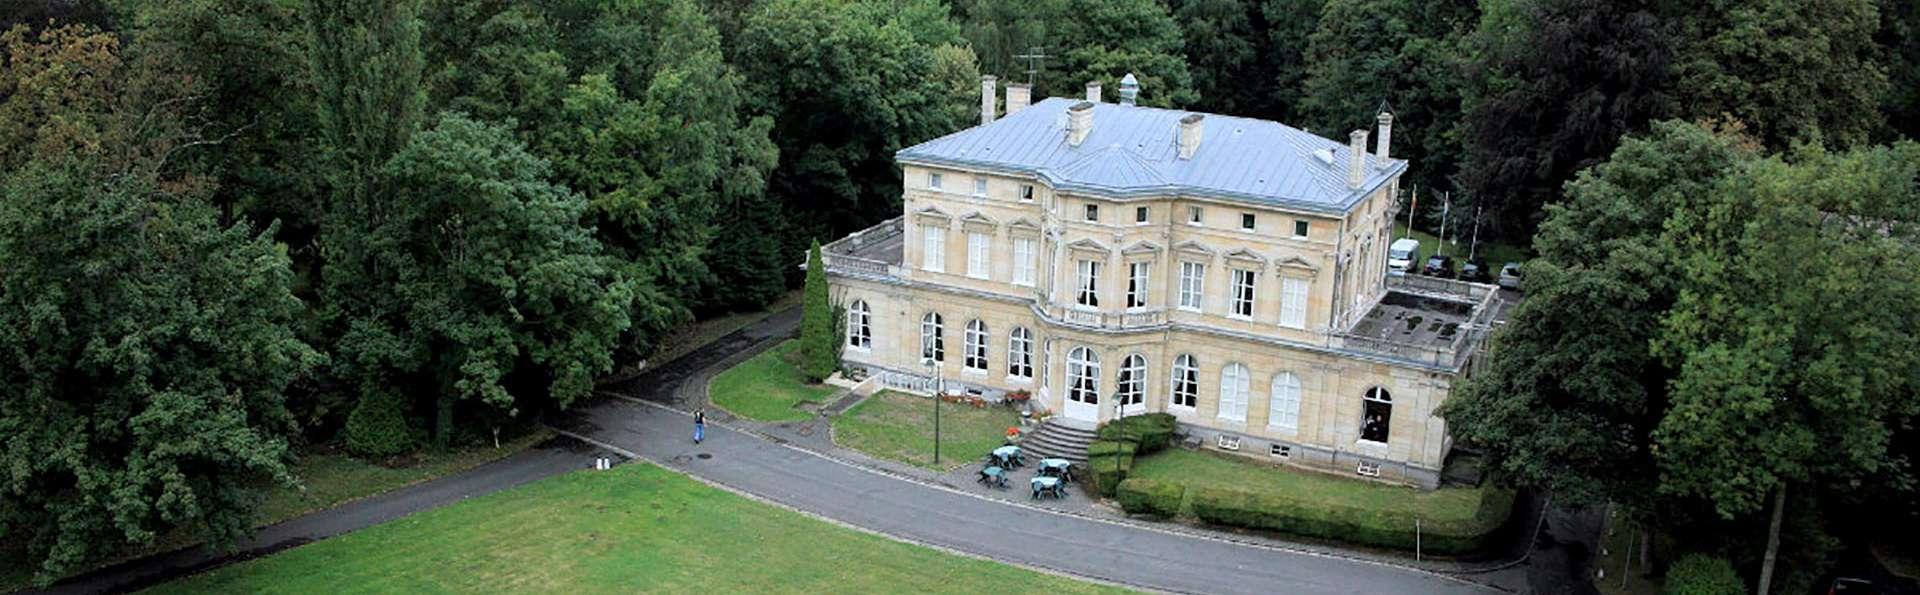 Château de La Motte Fenelon  - Edit_Front.jpg